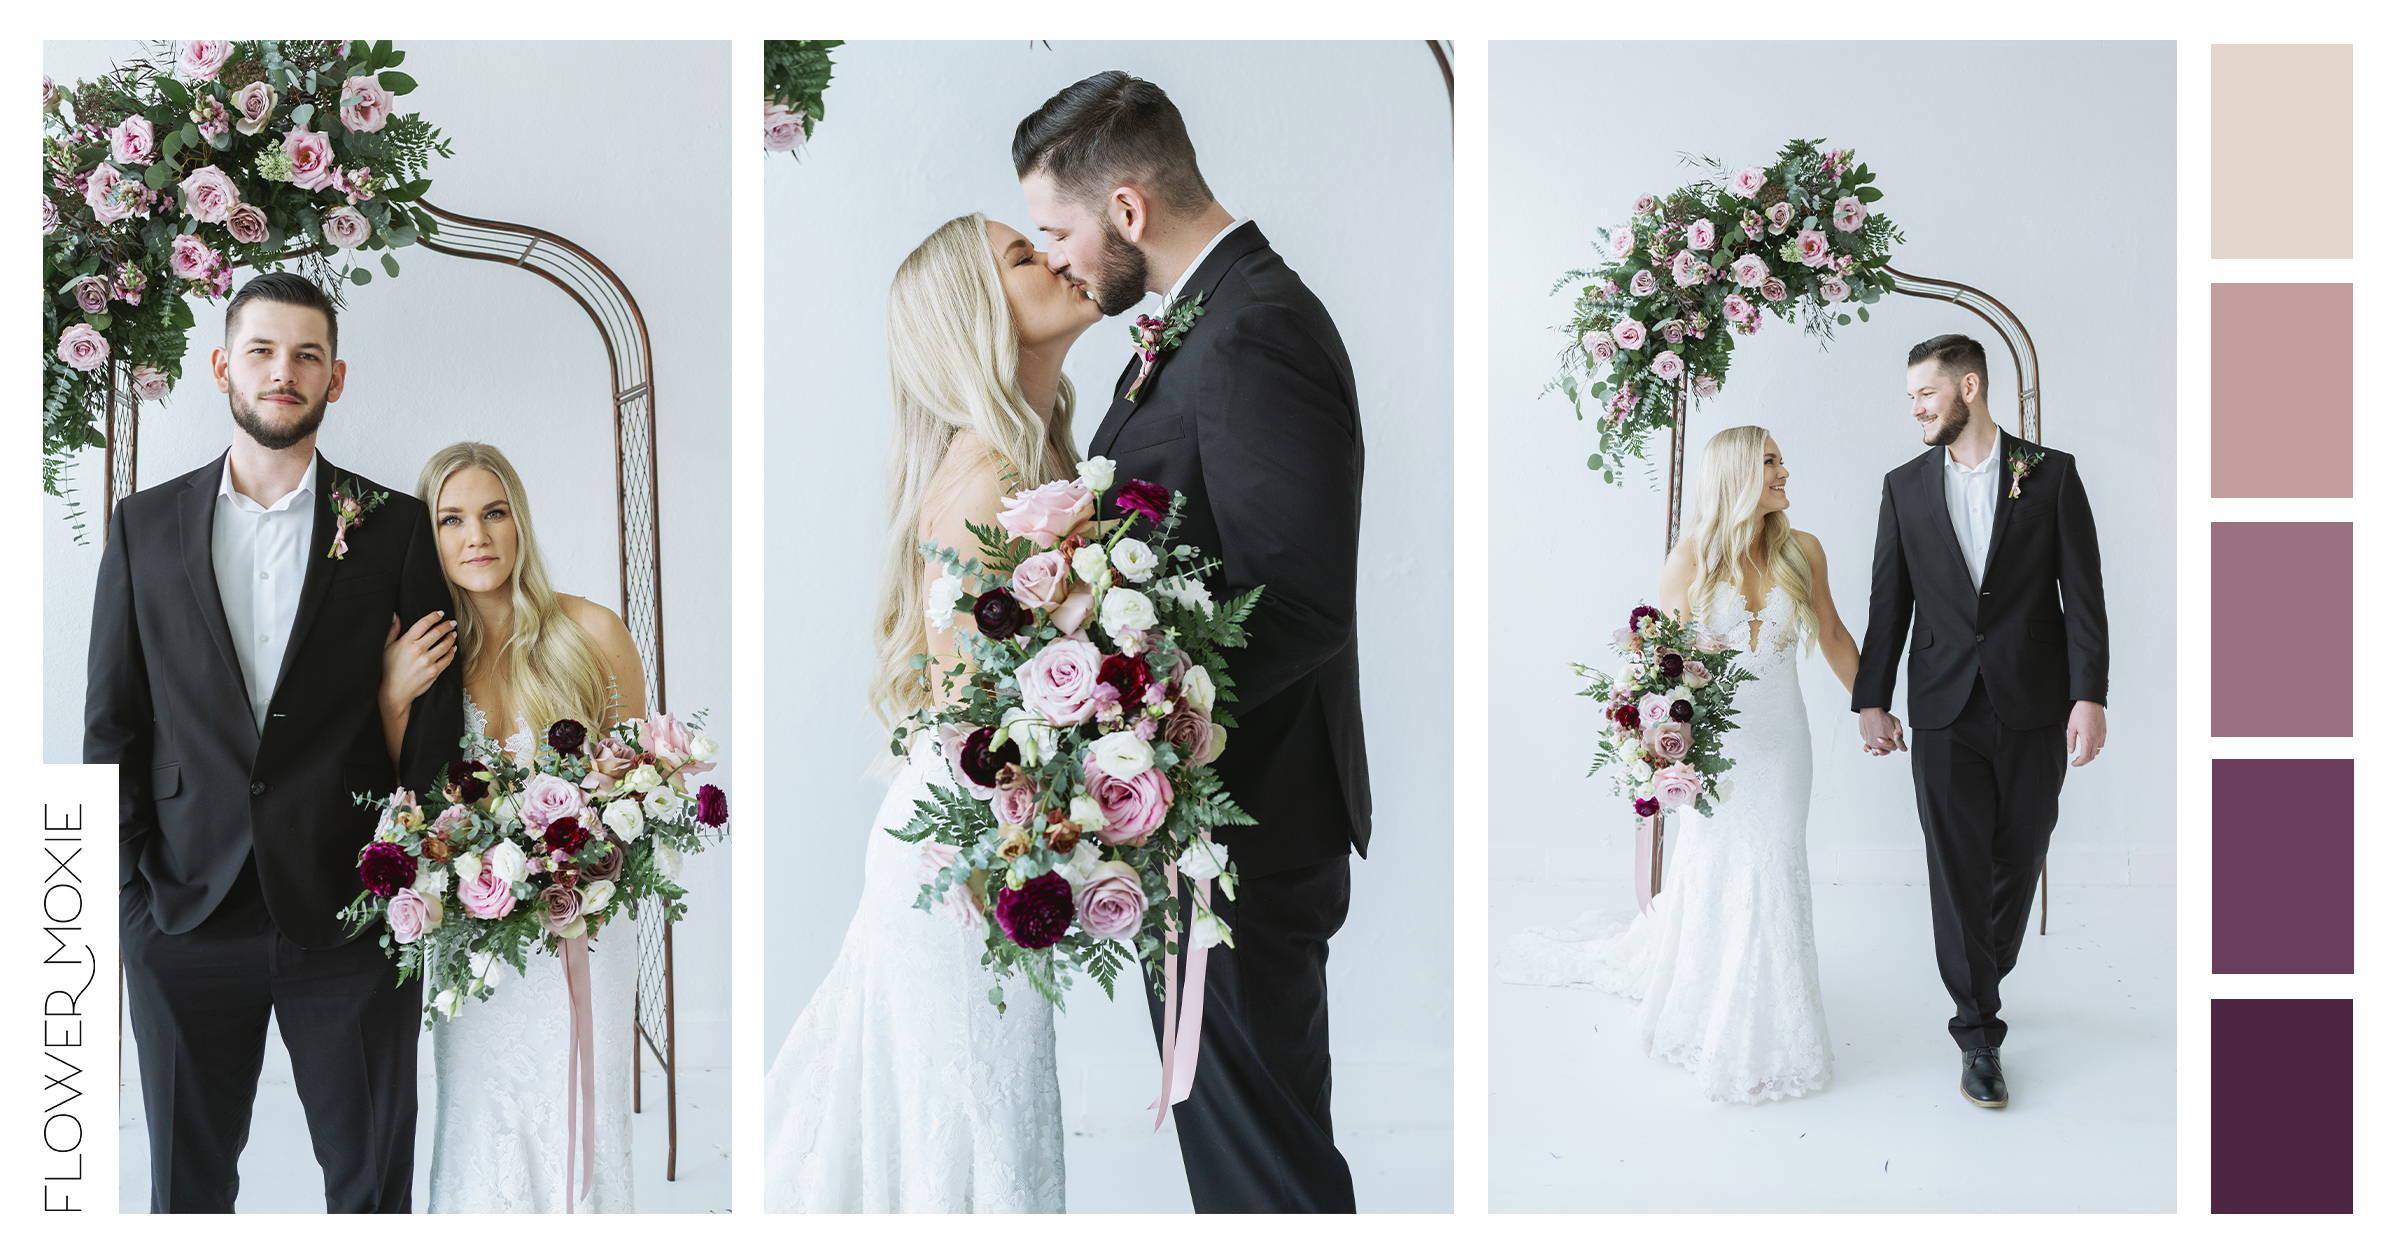 DIY wedding flower packages